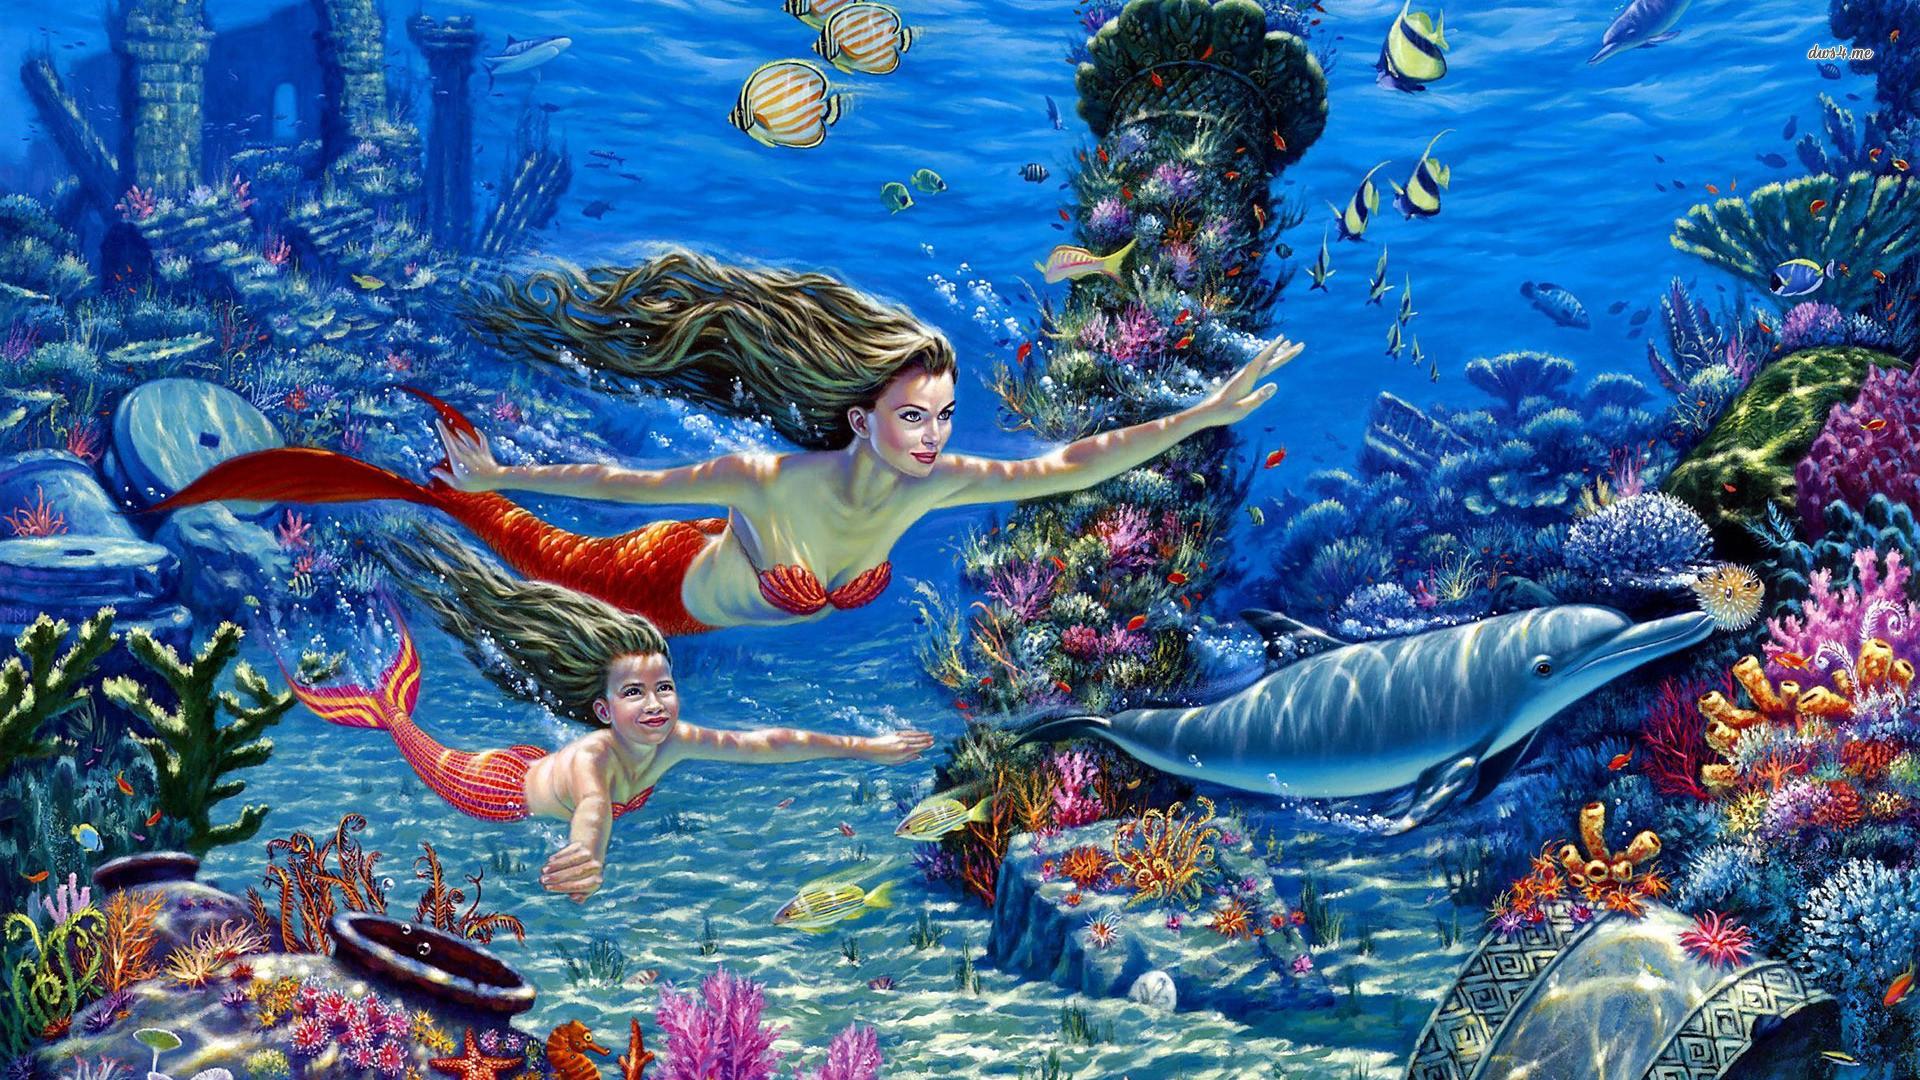 Cute Little Mermaid Wallpaper for Desktop (6)